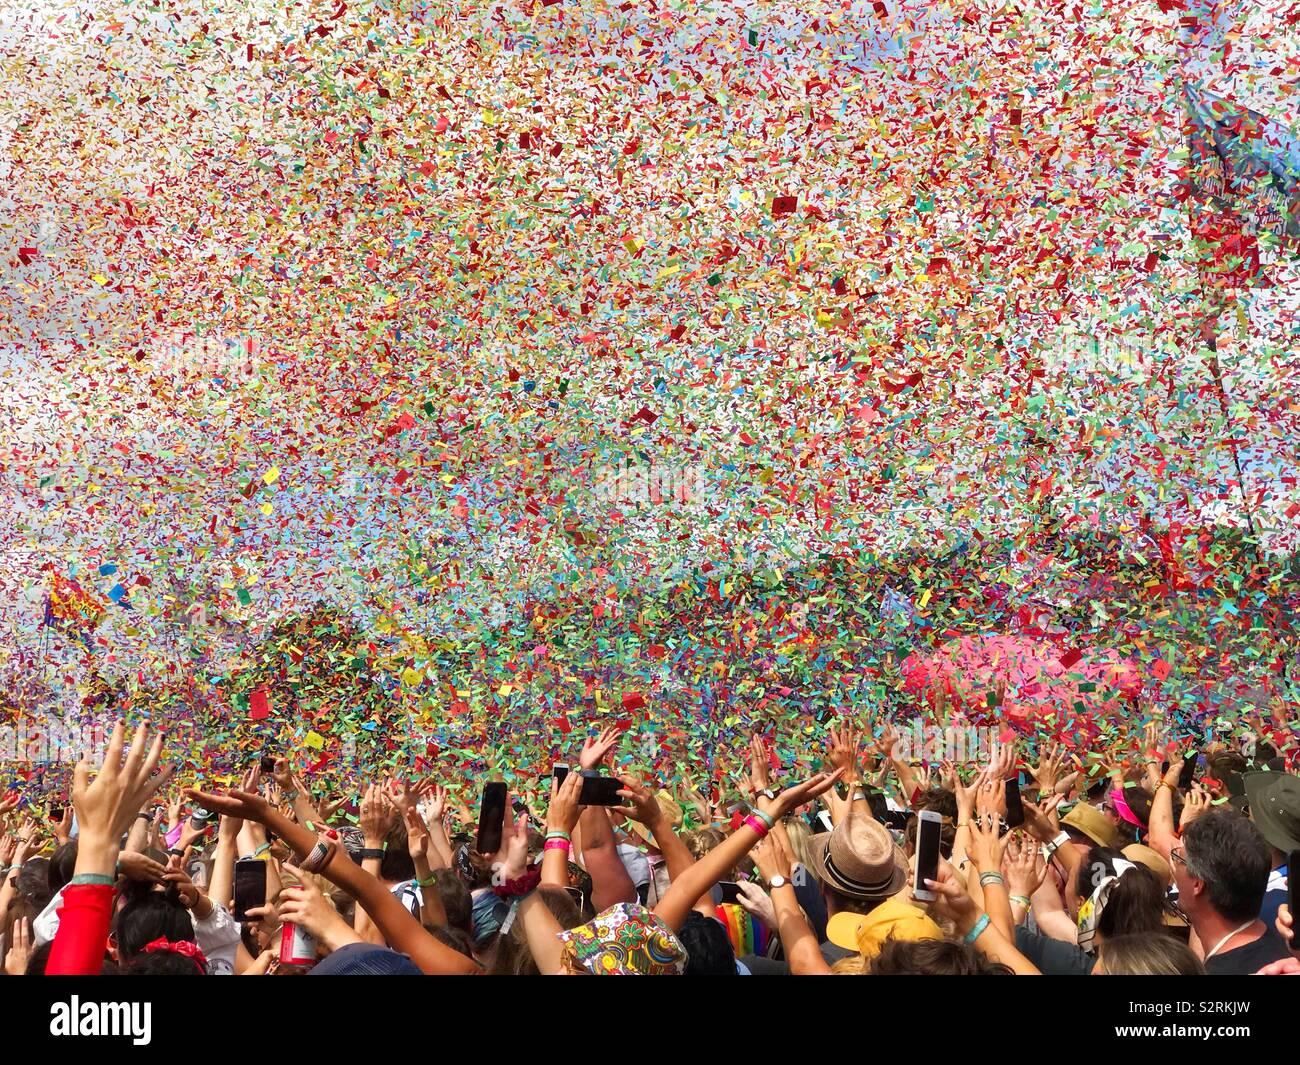 Confetti/ Ticker tape cayendo del cielo durante el increíble juego por años y años en el escenario de la pirámide, el Festival de Glastonbury 2019 Foto de stock